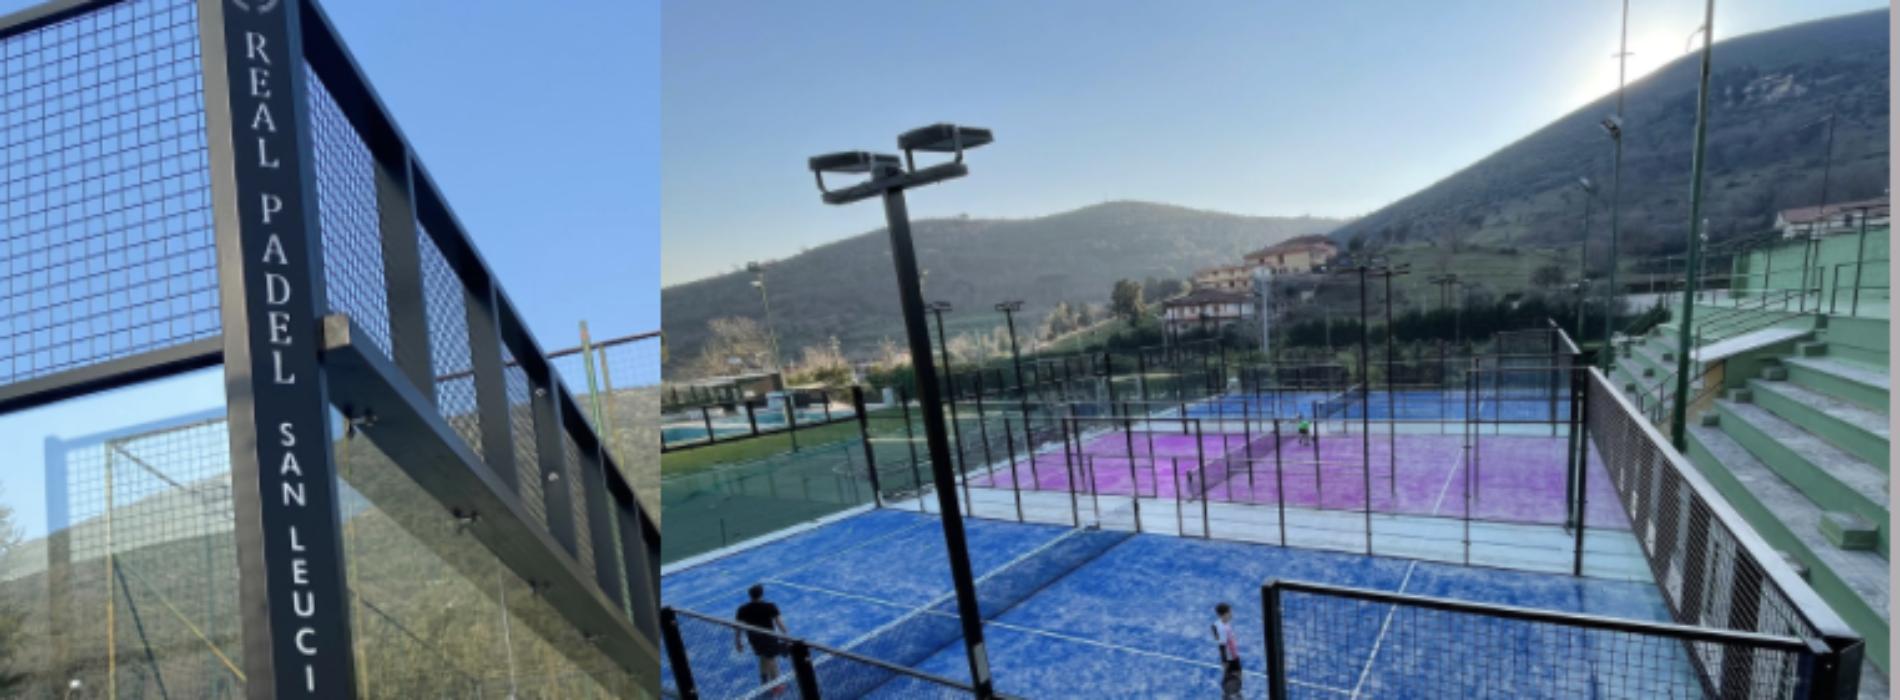 È tempo di cambiare racchetta, cresce il padel tennis a Caserta